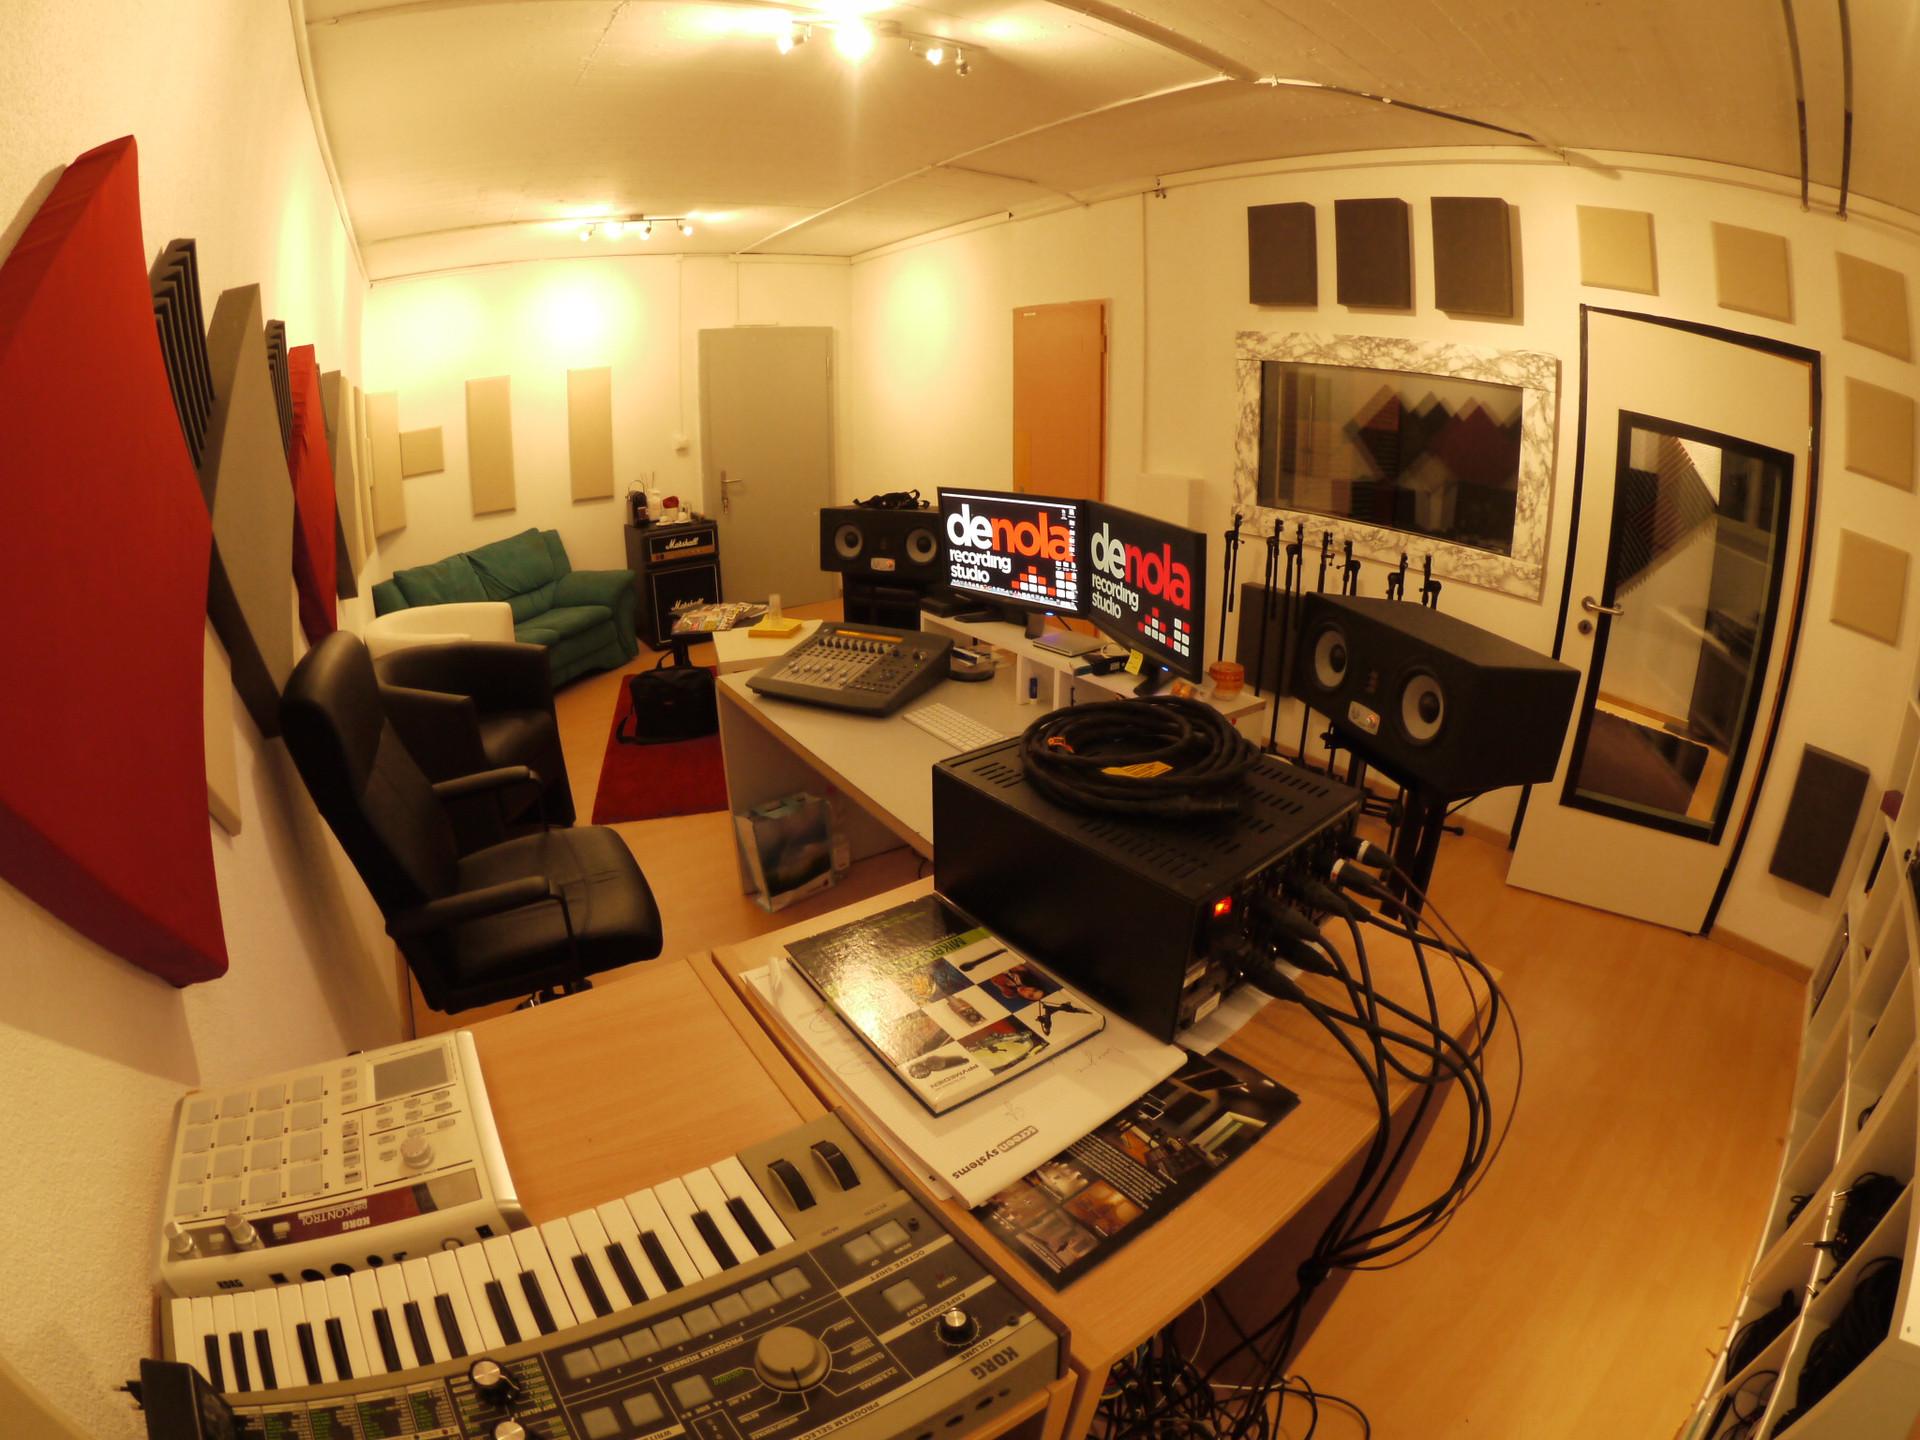 Regie De Nola Luca Recording Studio.JPG